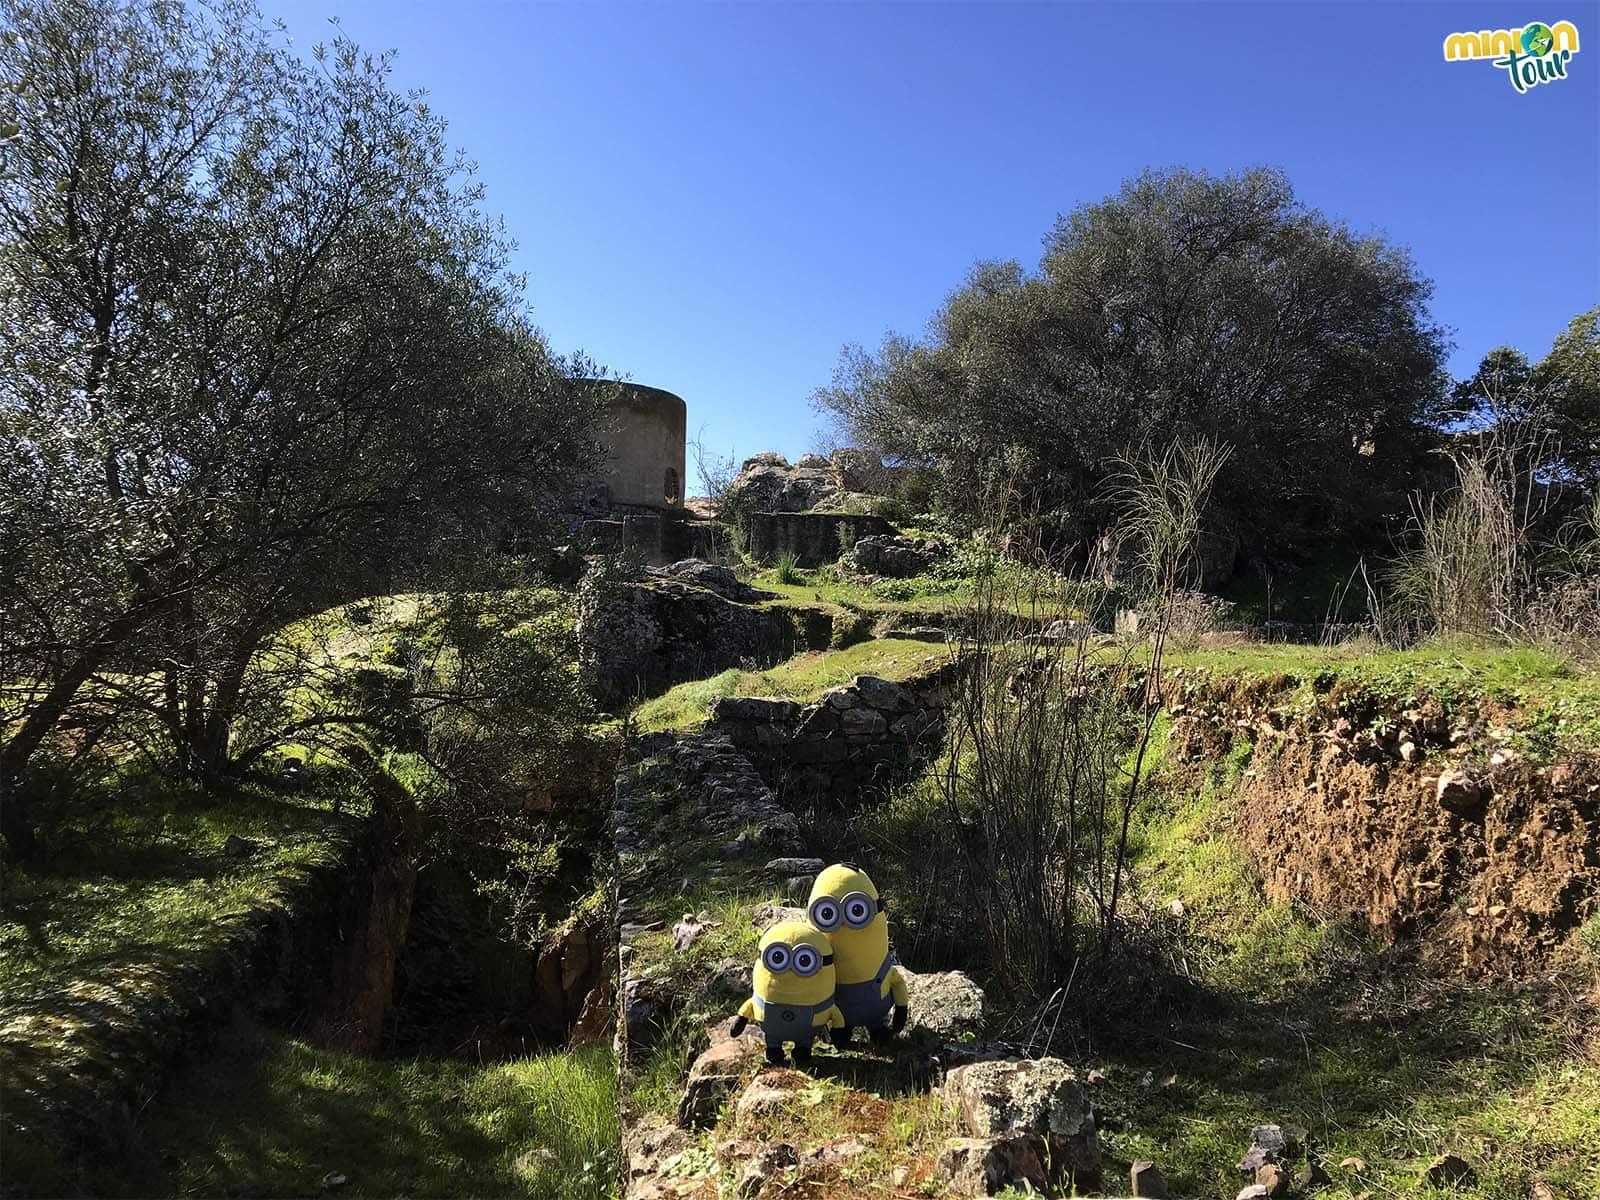 2 Minions descubriendo Lacimurga, una parada en la ruta por la Comarca de La Serena